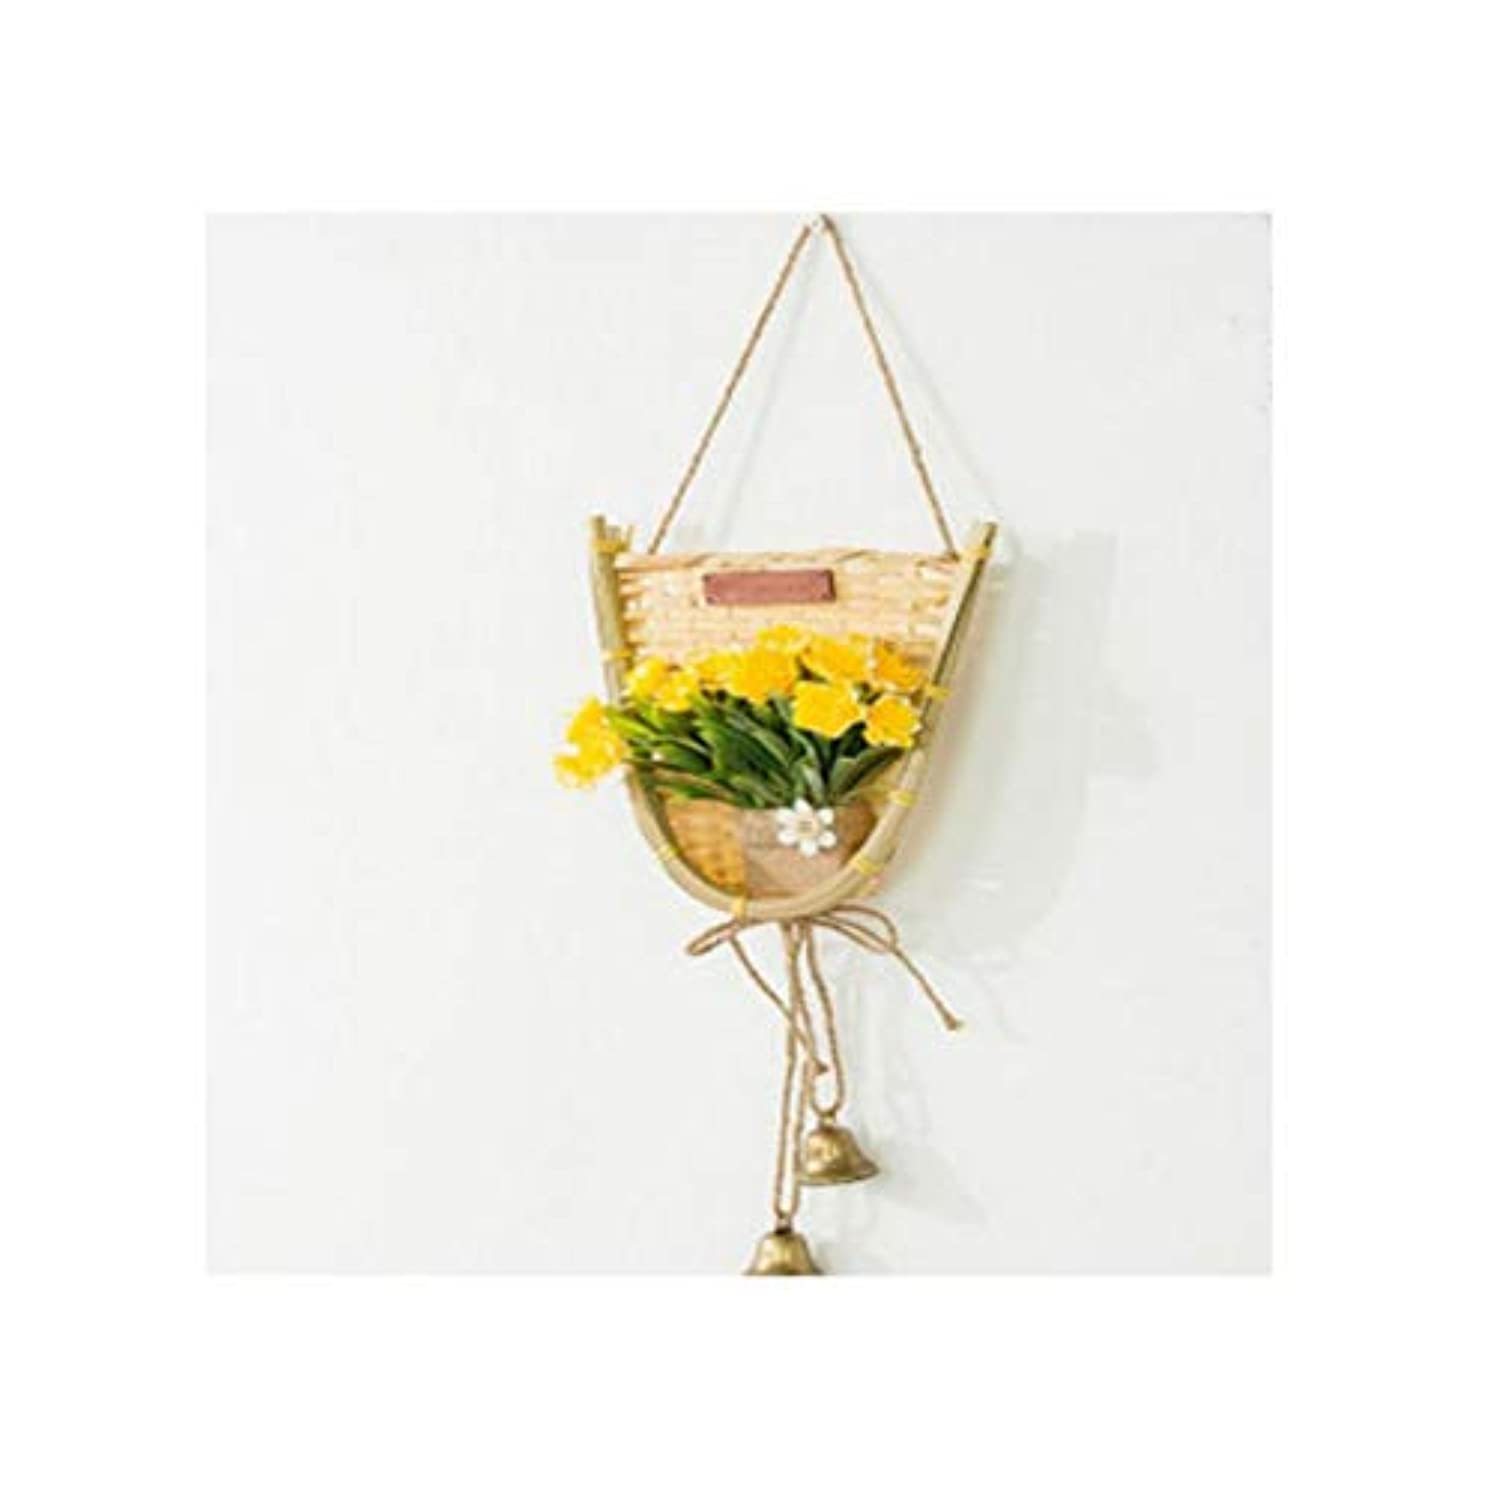 飢弾性ぜいたくJielongtongxun001 壁の装飾、クリエイティブホームリビングルームの廊下の寝室の壁の装飾、Shilixiang半楕円,美しい (Design : Shili incense semi-ellipse)